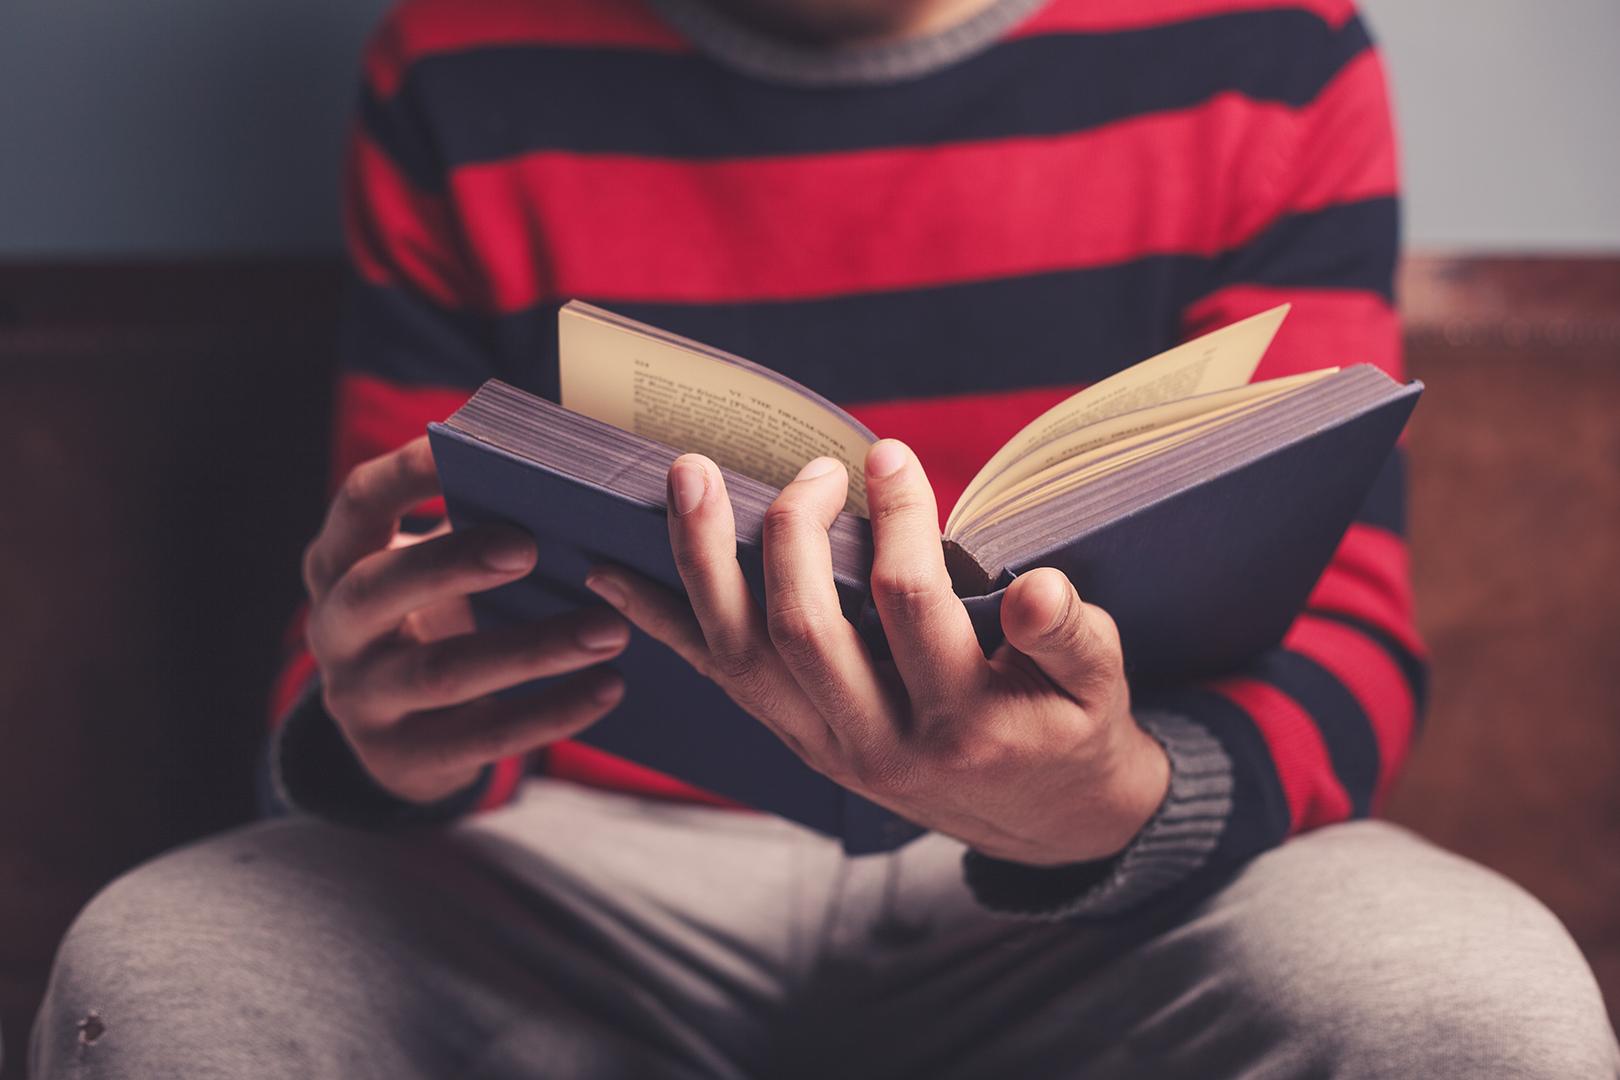 Lea la Biblia en un año : 225º día9 min read